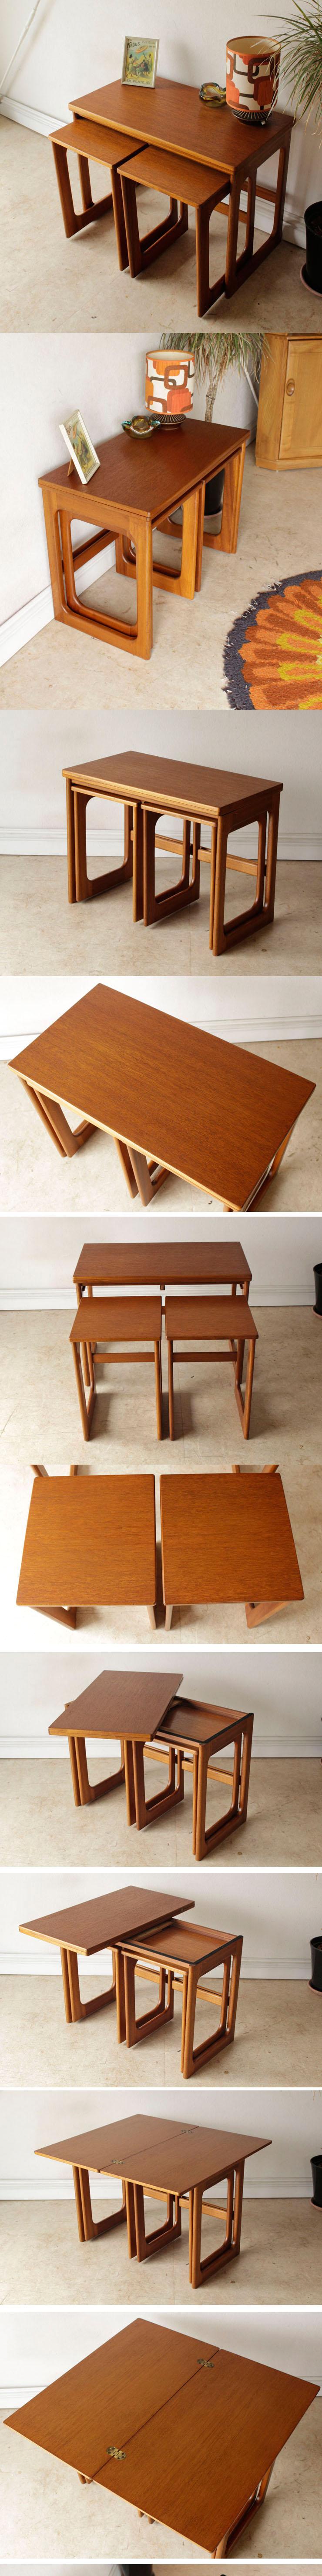 マッキントッシュ・ネストテーブル・コーヒーテーブル・ビンテージ・アンティーク・ミッドセンチュリー